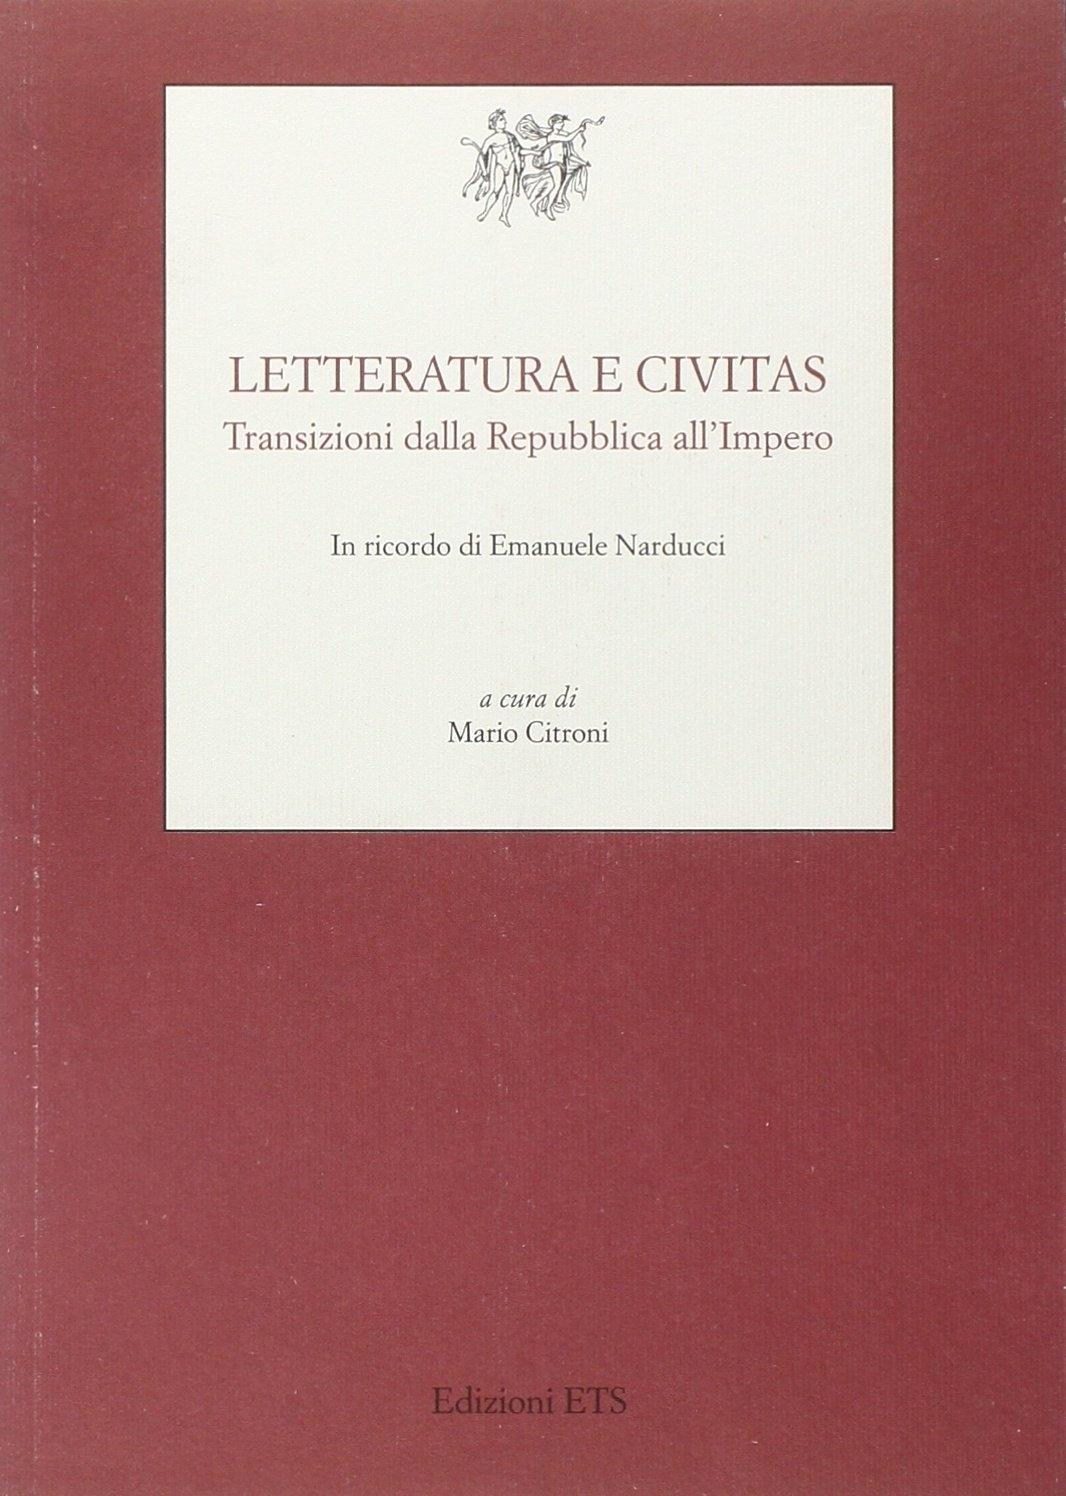 Letteratura e civitas. Transizioni dalla repubblica all'impero